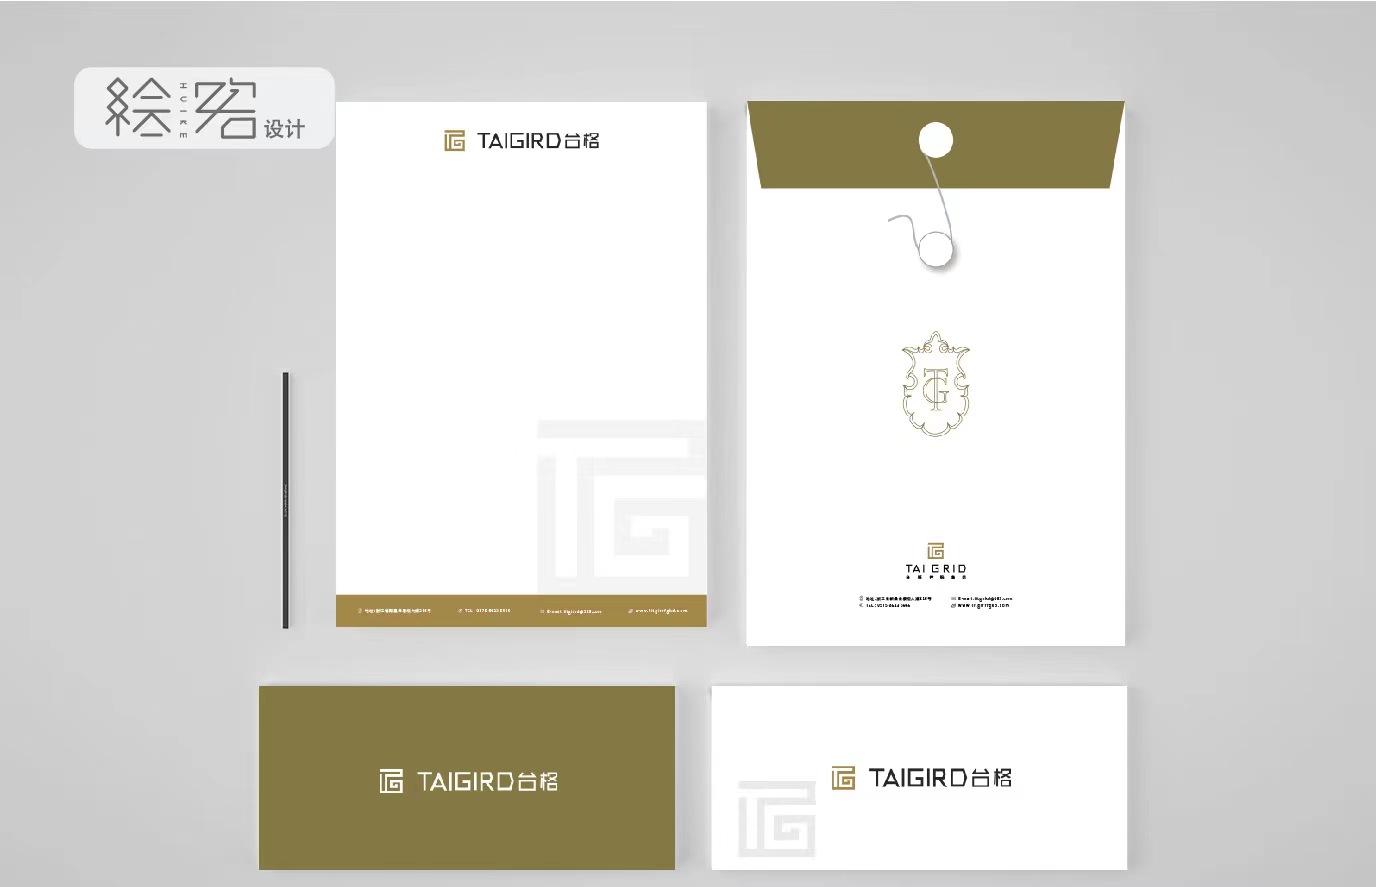 餐饮vi设计全套产品品牌视觉识别系统企业形象墙门头招牌设计